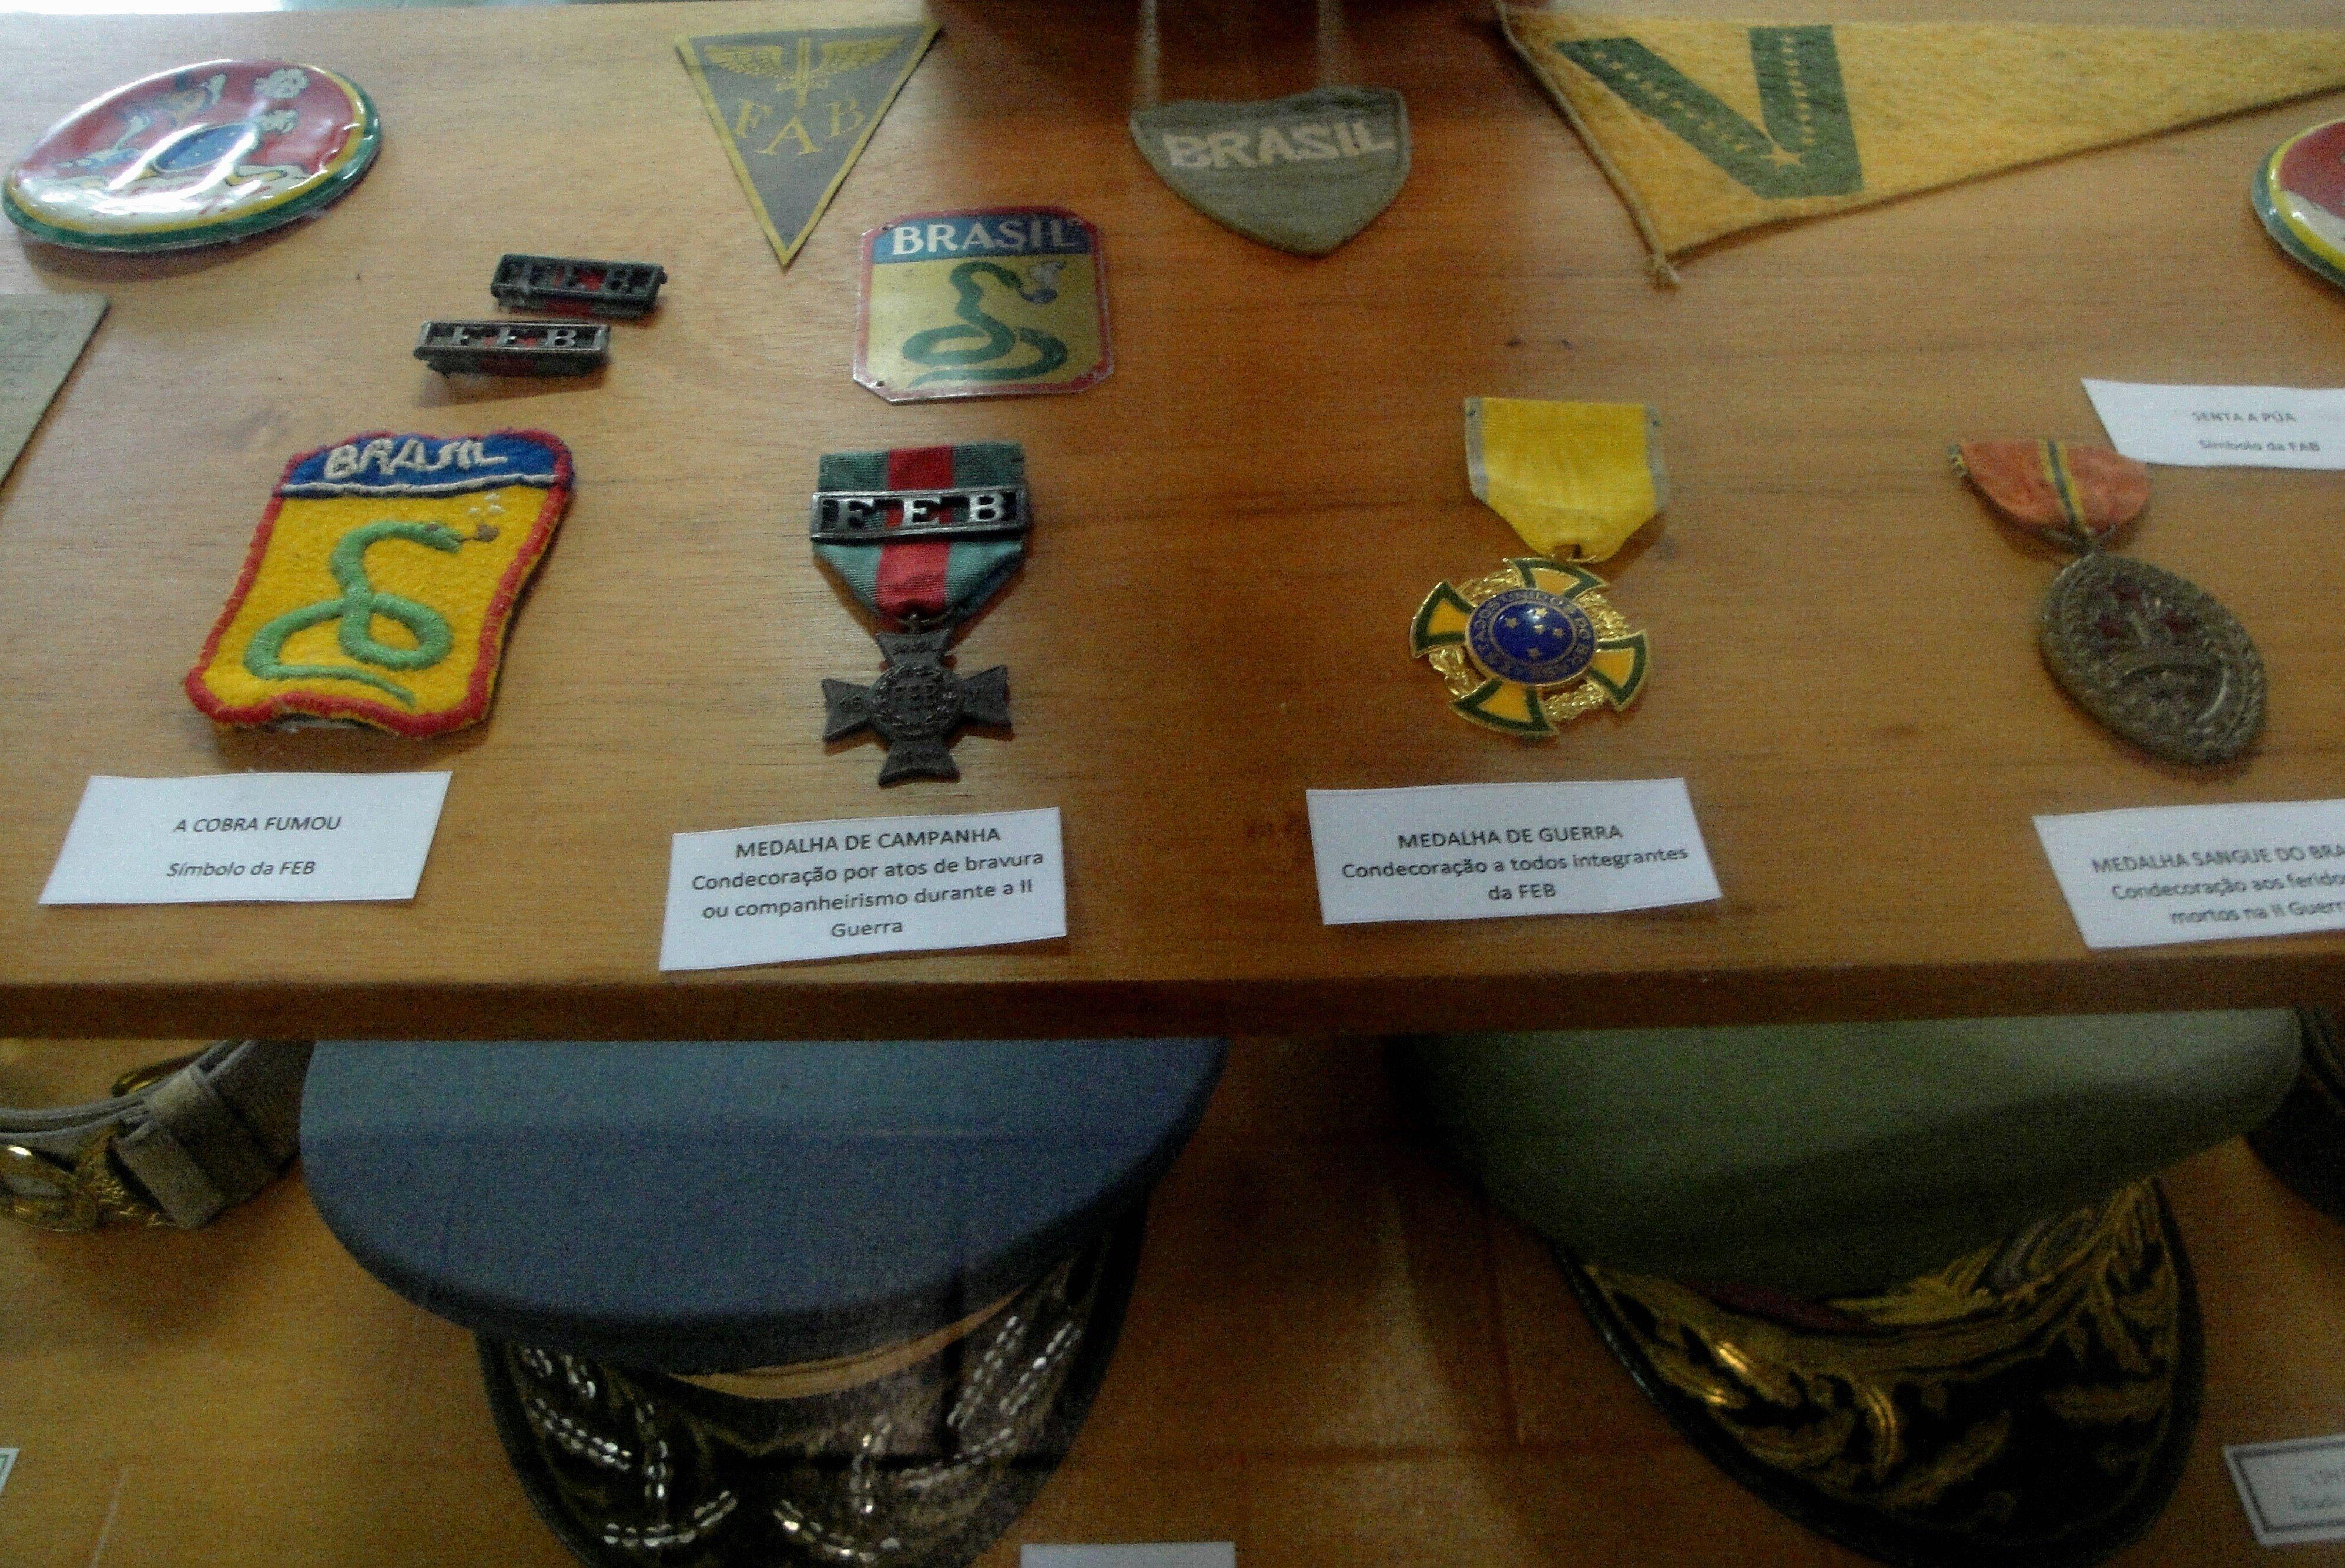 Centro de Documentación de la II Guerra Mundial. Medalla de Guerra, condecoración a todos los integrantes de la Fuerza Expedicionaria brasileña, Medalla Sangre de Brasil, condecoración a los heridos o muertos en la Segunda Guerra Mundial.